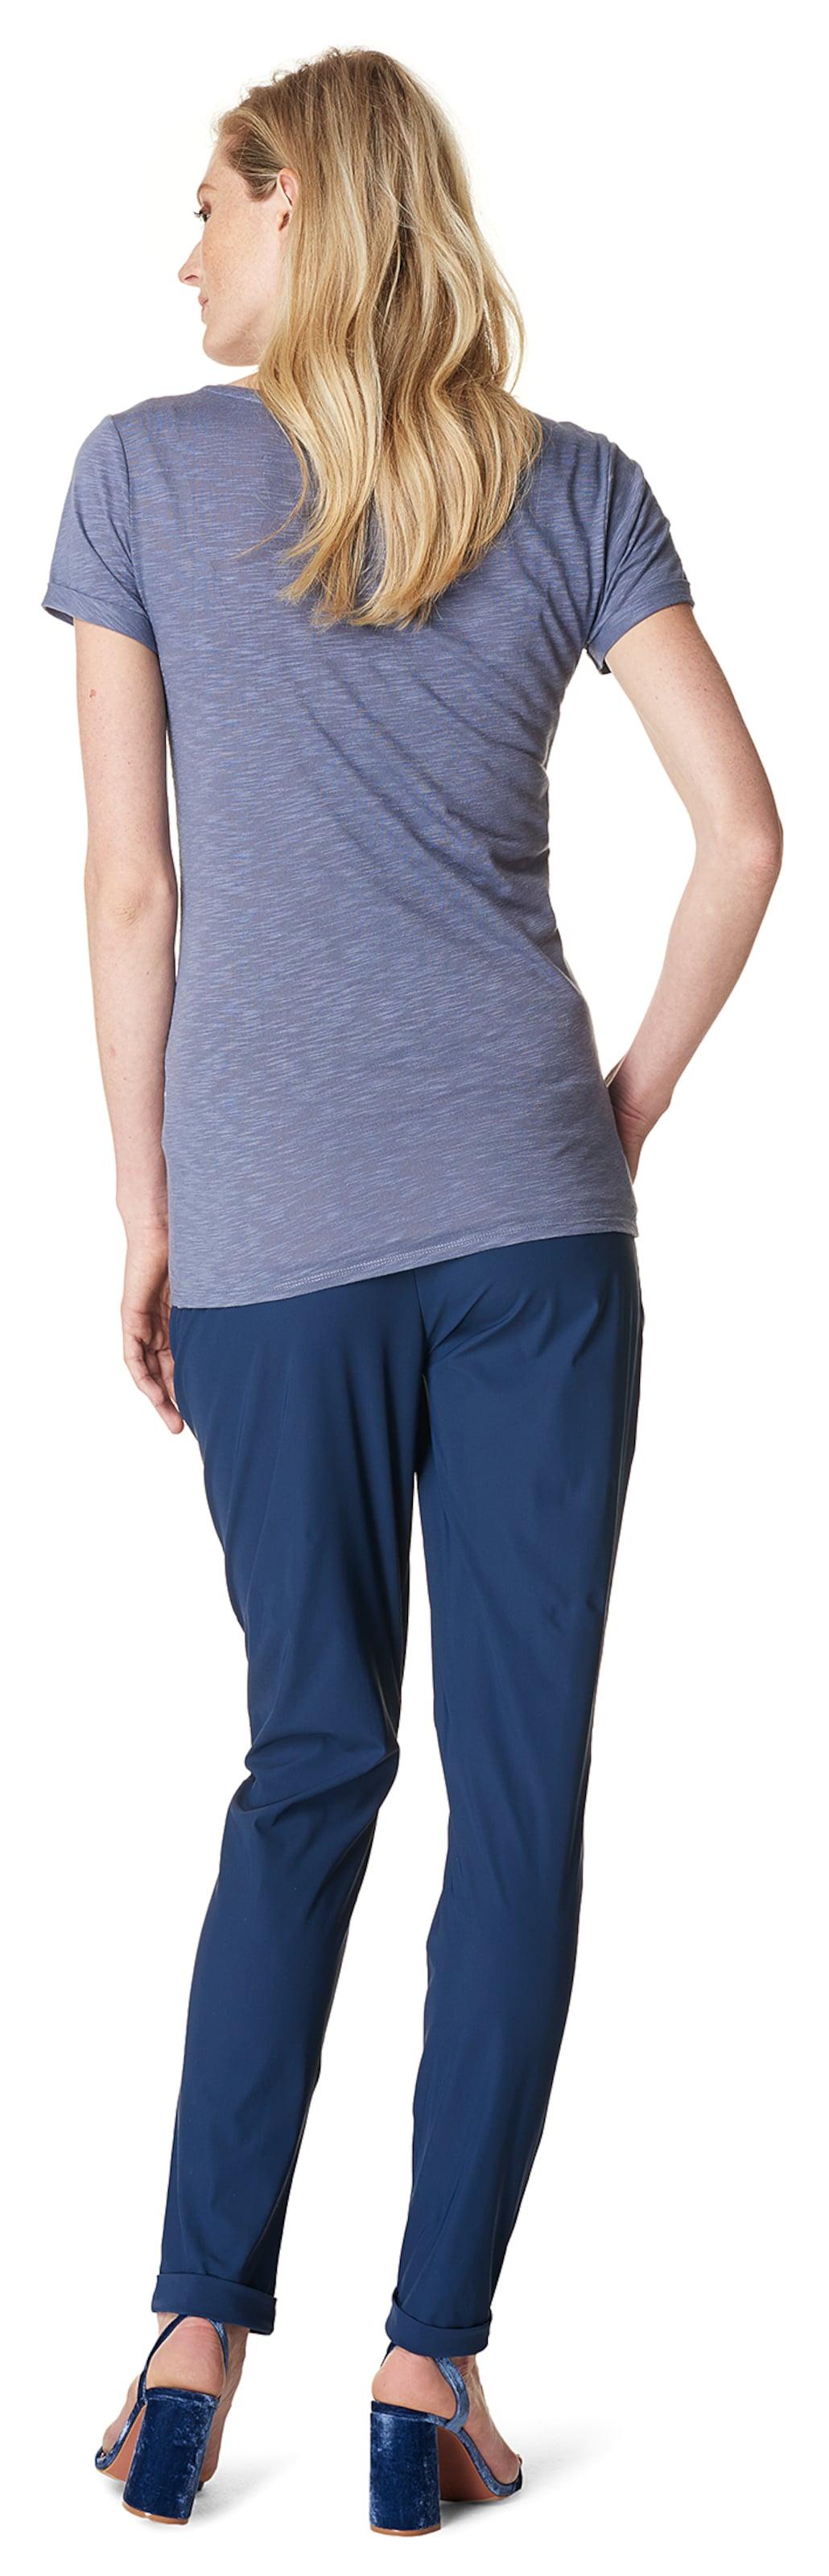 Noppies T-shirt ' Aukje ' Outlet Besten Preise Günstig Kaufen Bequem Authentisch Günstiger Preis Guter Service Günstig Kaufen Outlet-Store AqGm62vWmt